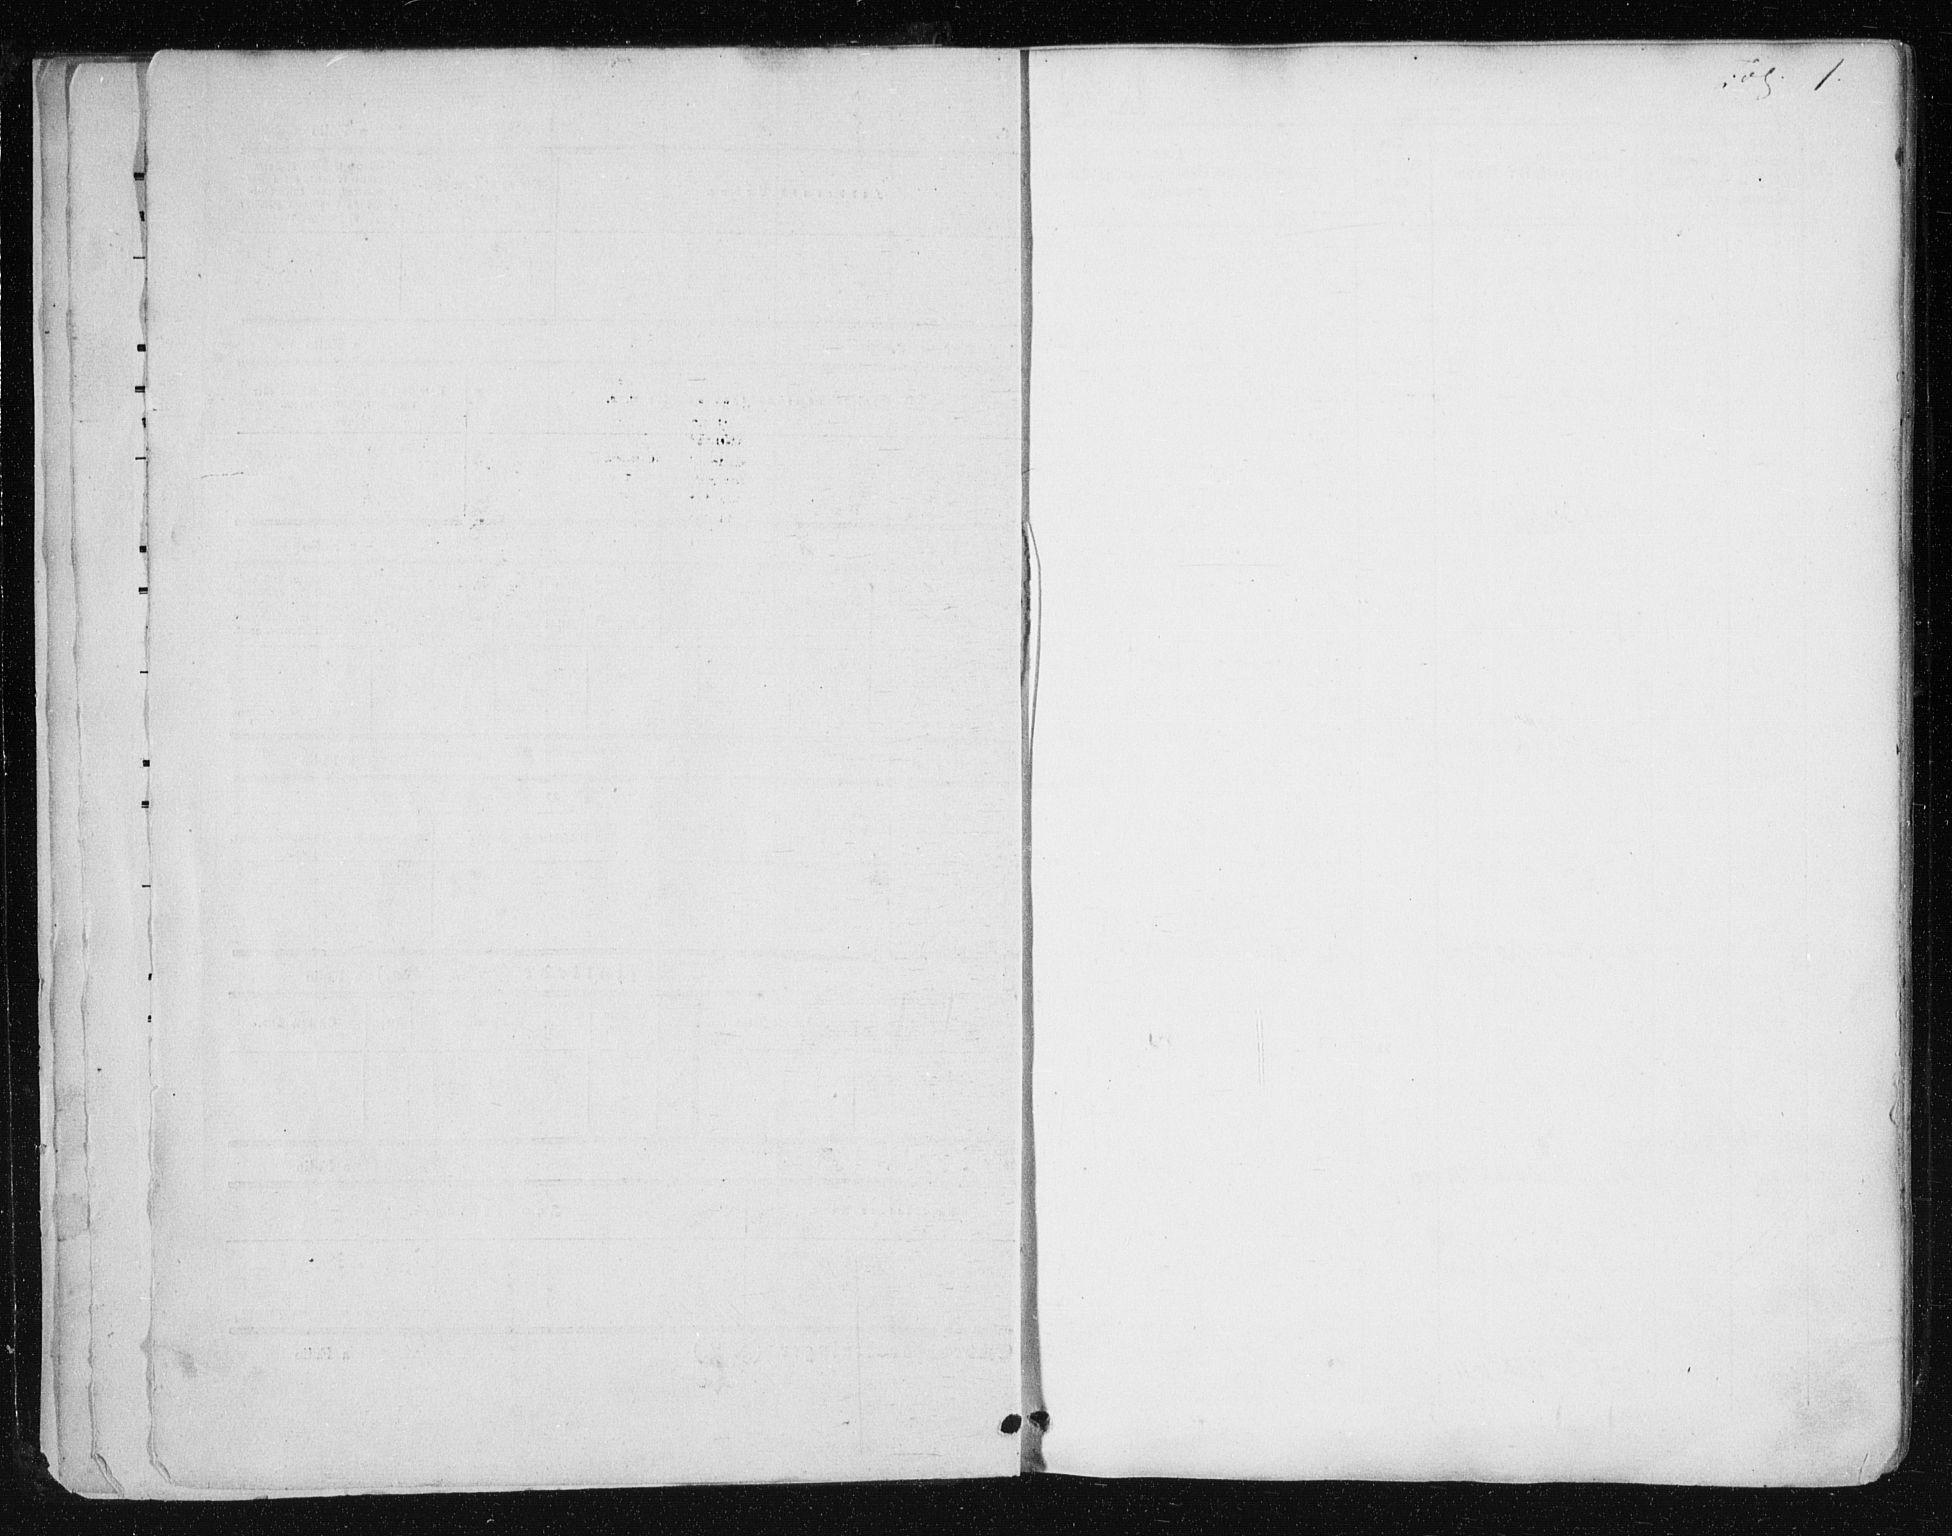 SAT, Ministerialprotokoller, klokkerbøker og fødselsregistre - Nord-Trøndelag, 723/L0240: Ministerialbok nr. 723A09, 1852-1860, s. 1